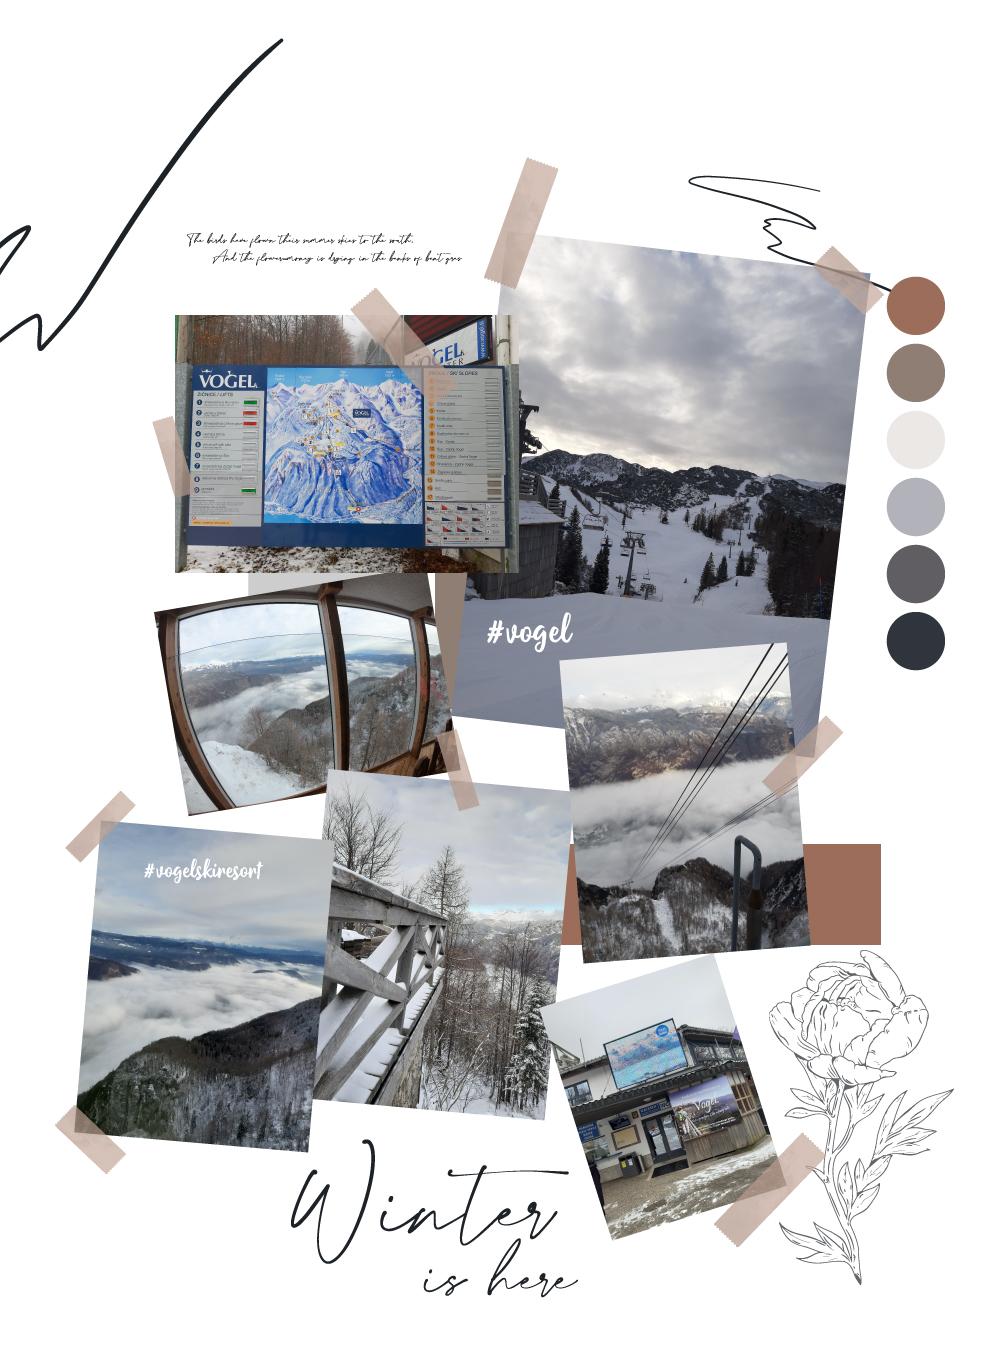 vogel text Vodič za zimu u Sloveniji: Mesta koja treba da posetiš + iskustva koja treba da doživiš